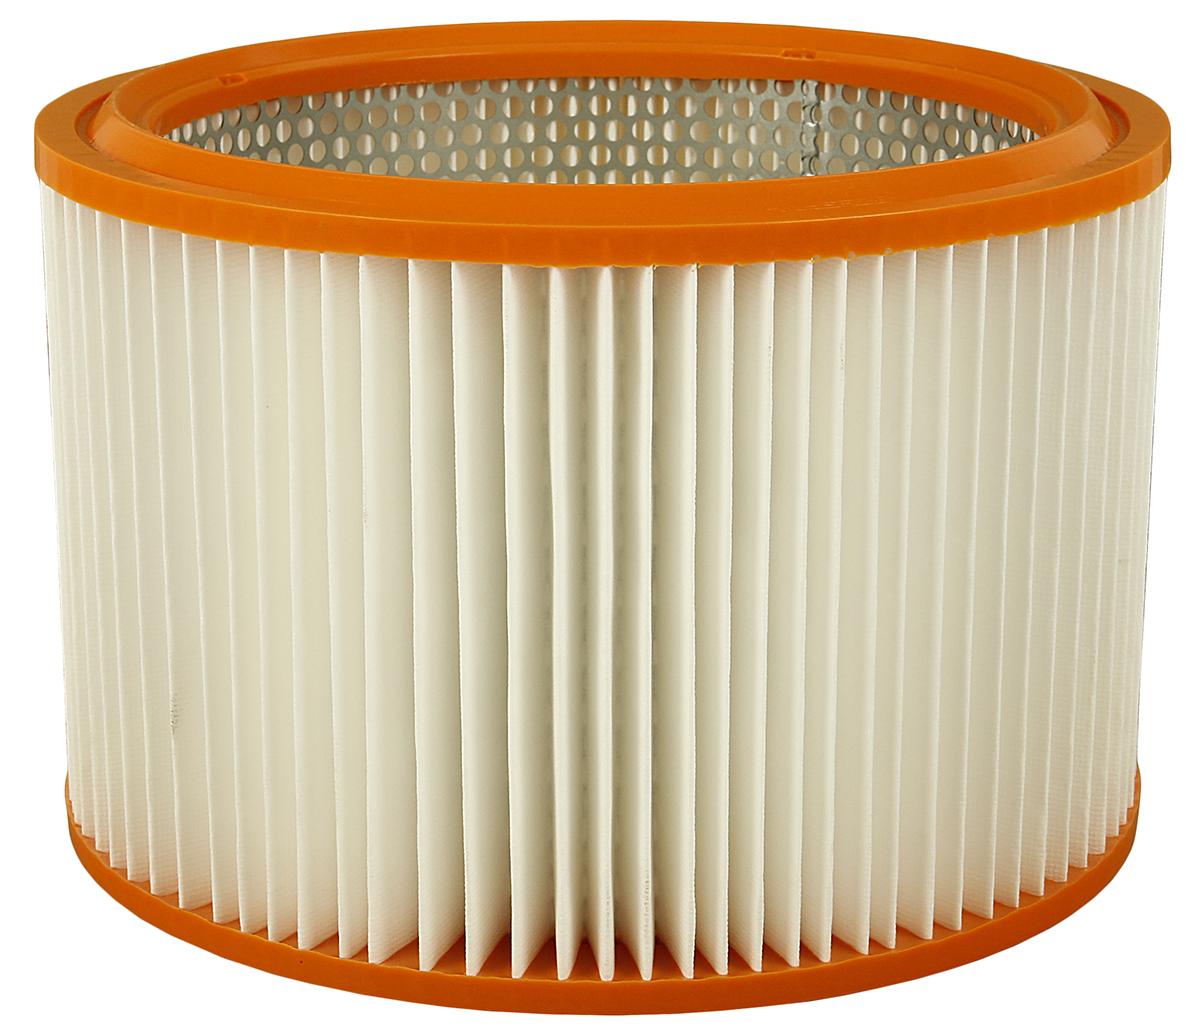 5 Filtersäcke passend für Nilfisk Alto Attix 560-31 XC Staubsaugerbeutel